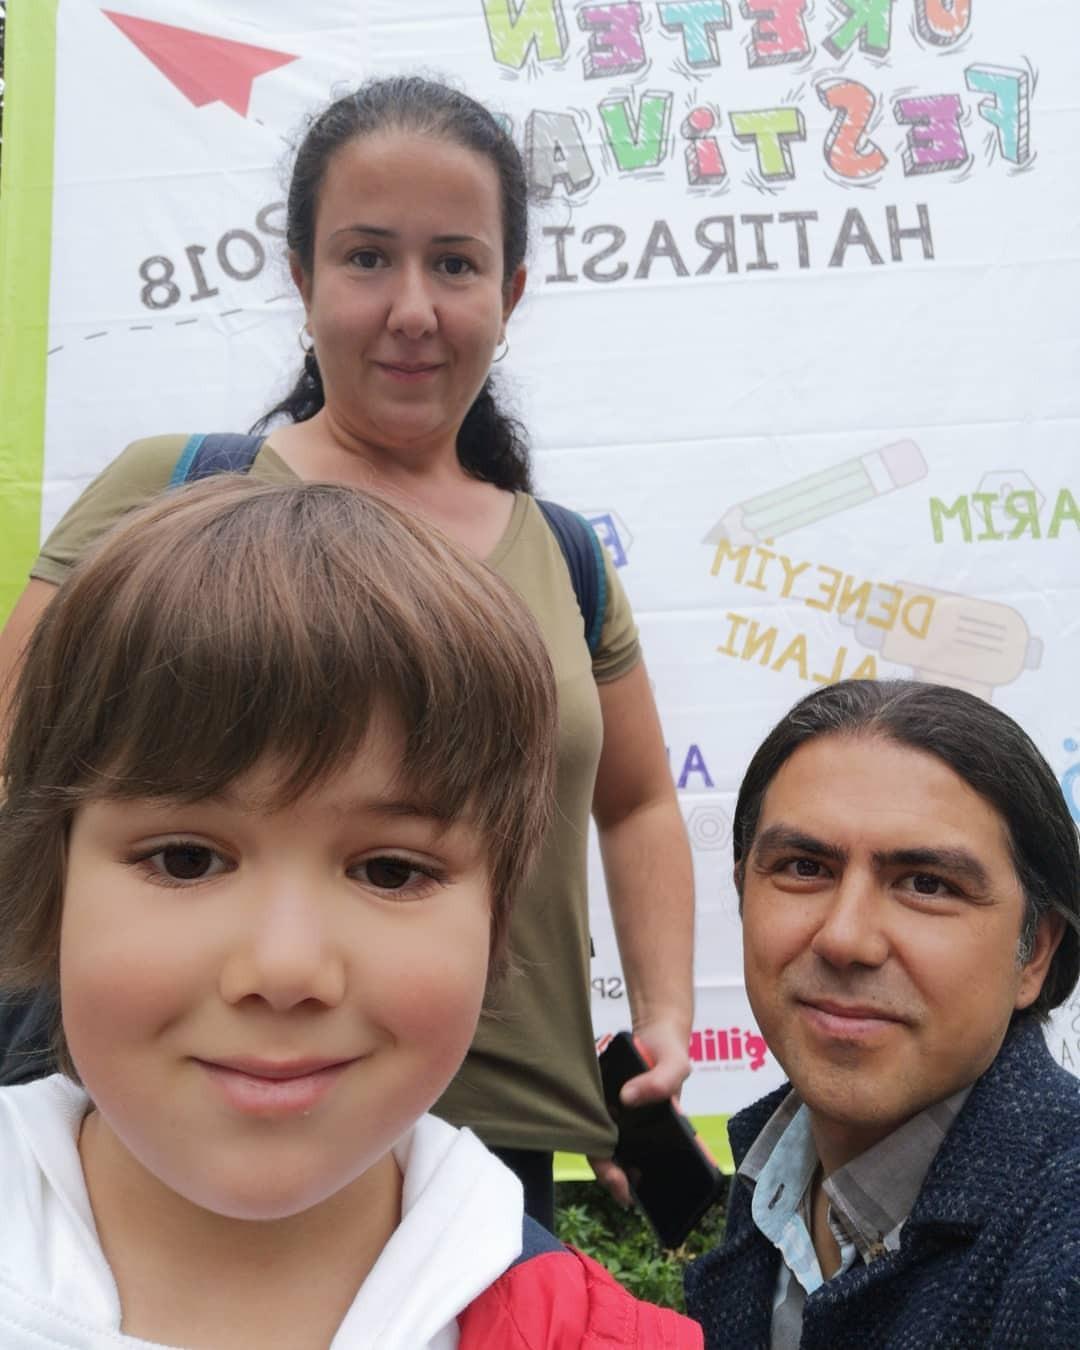 Yekaterinburgdaki sergiler: en yakın etkinliklerin duyurulması 57